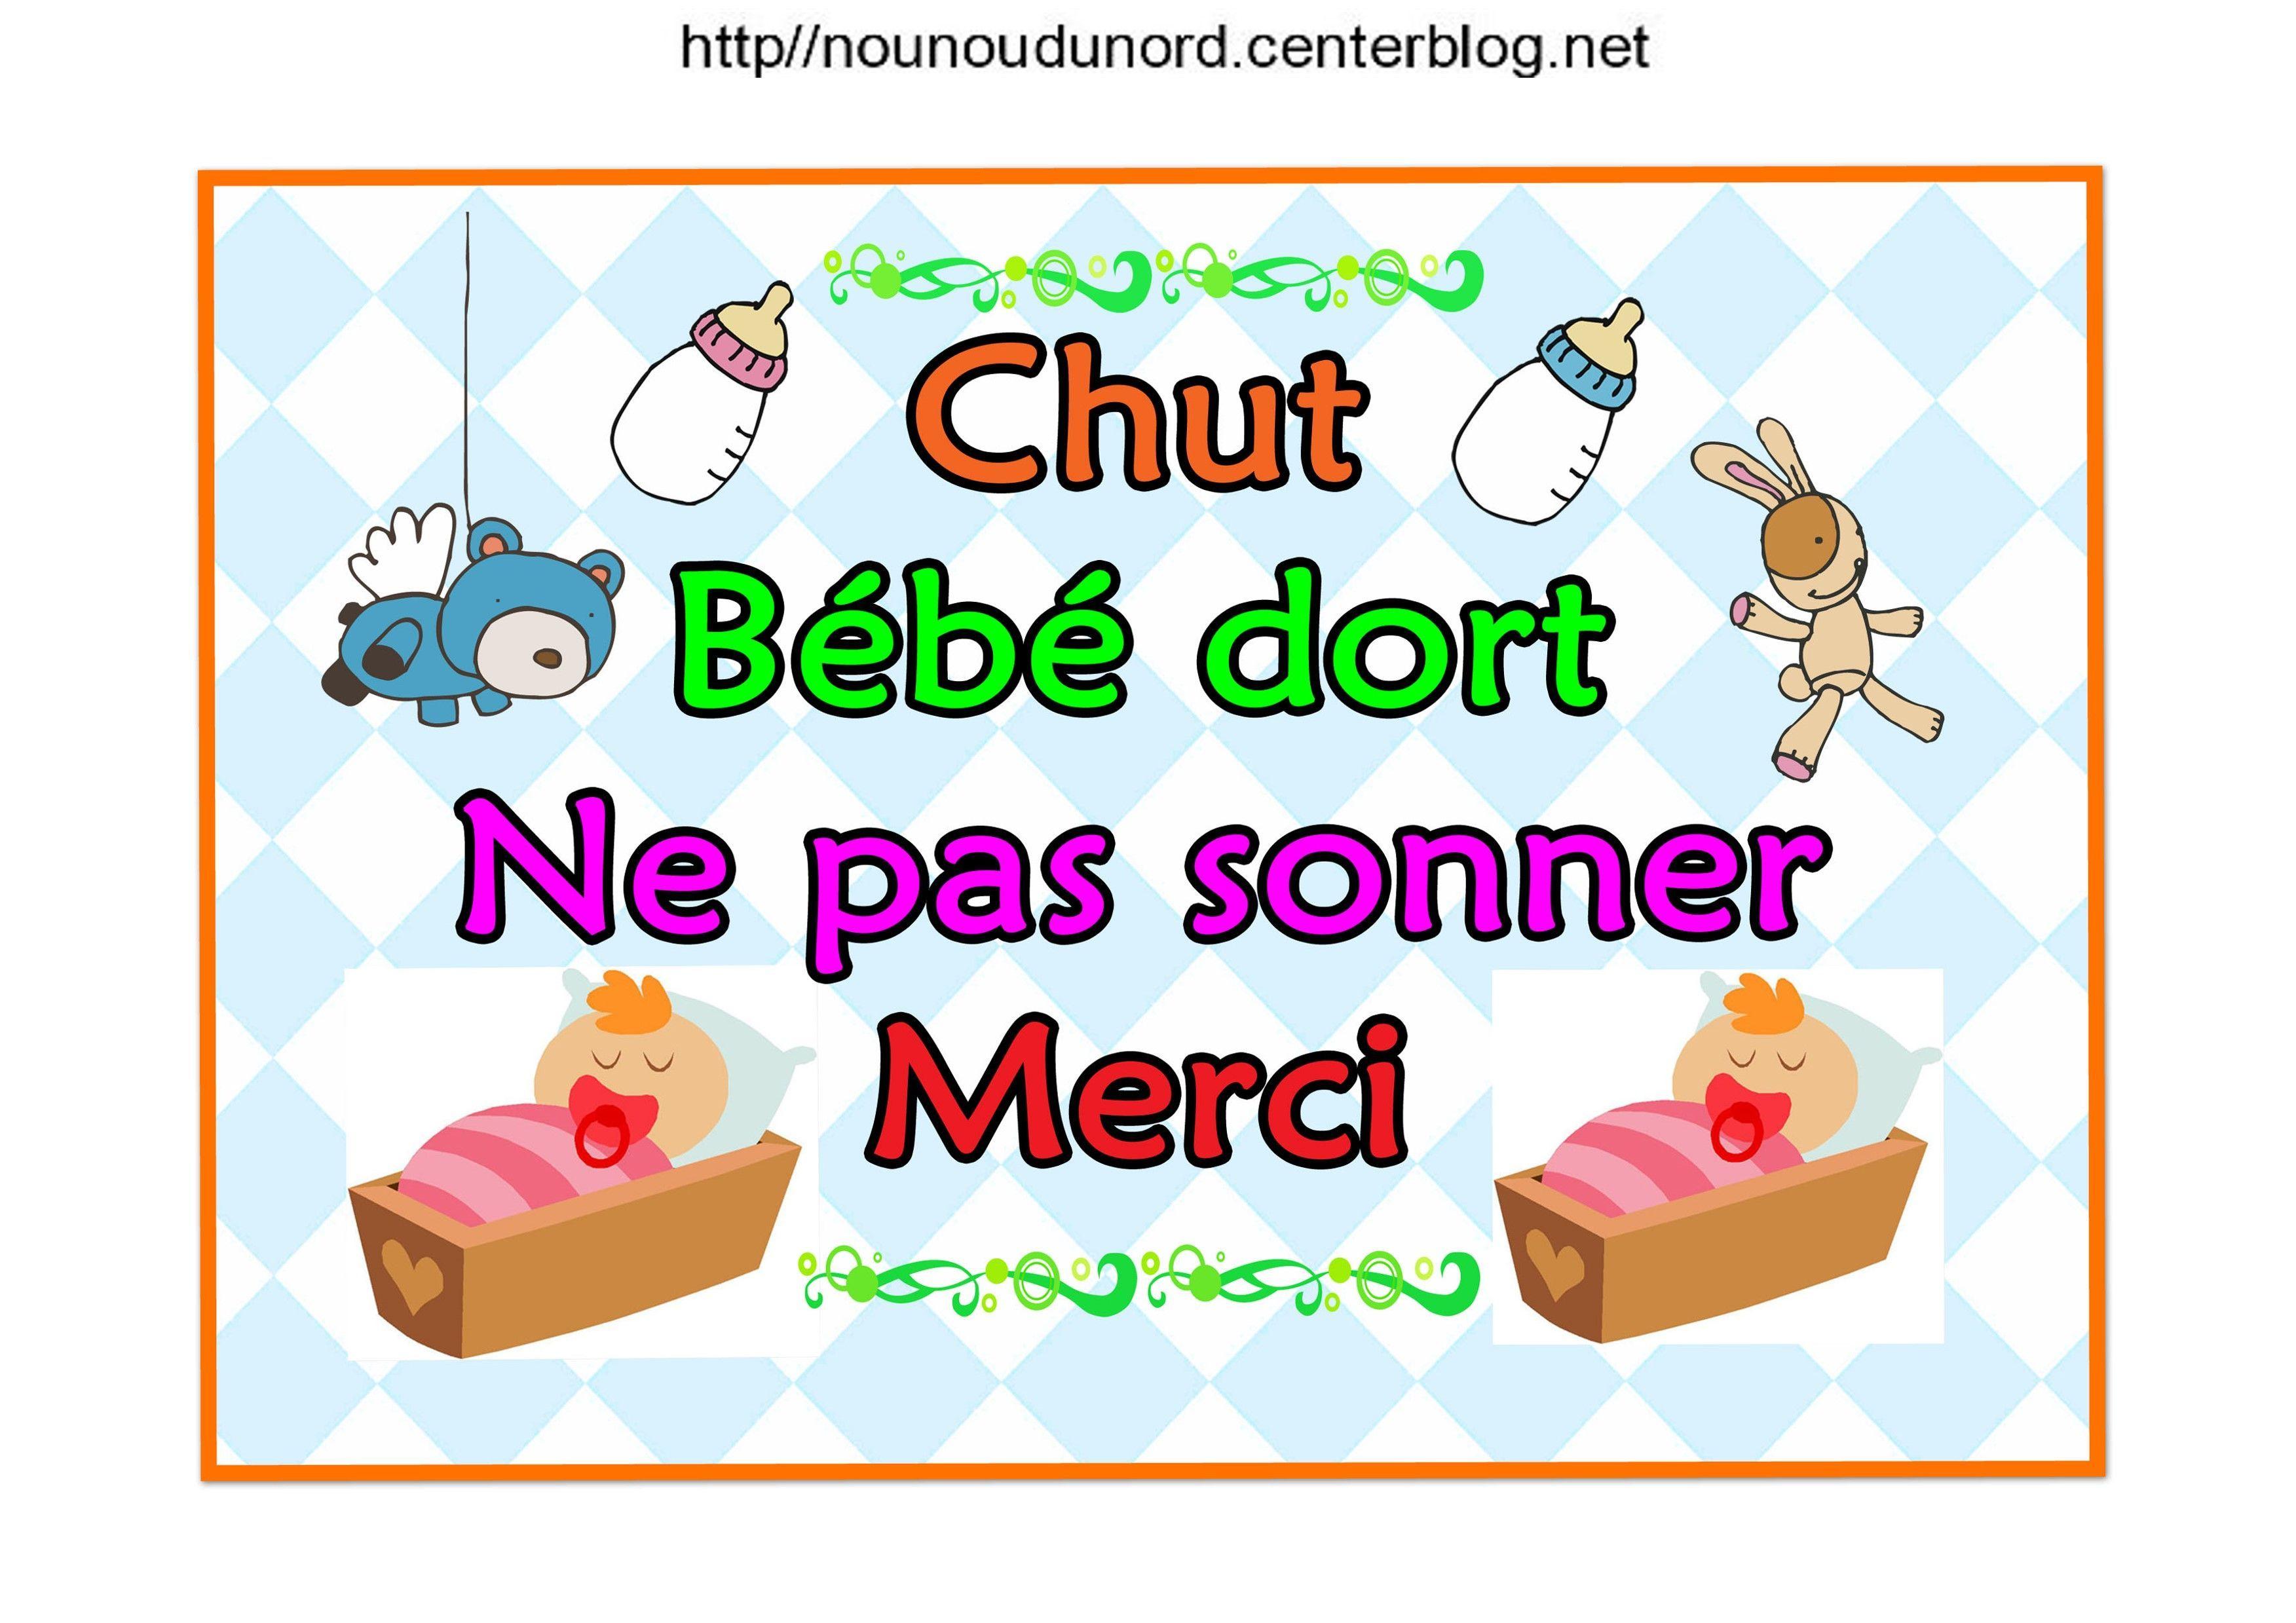 Affiches De Porte Chut Bébé Dort Ne Pas Sonner Merci serapportantà Image Chut Bébé Dort